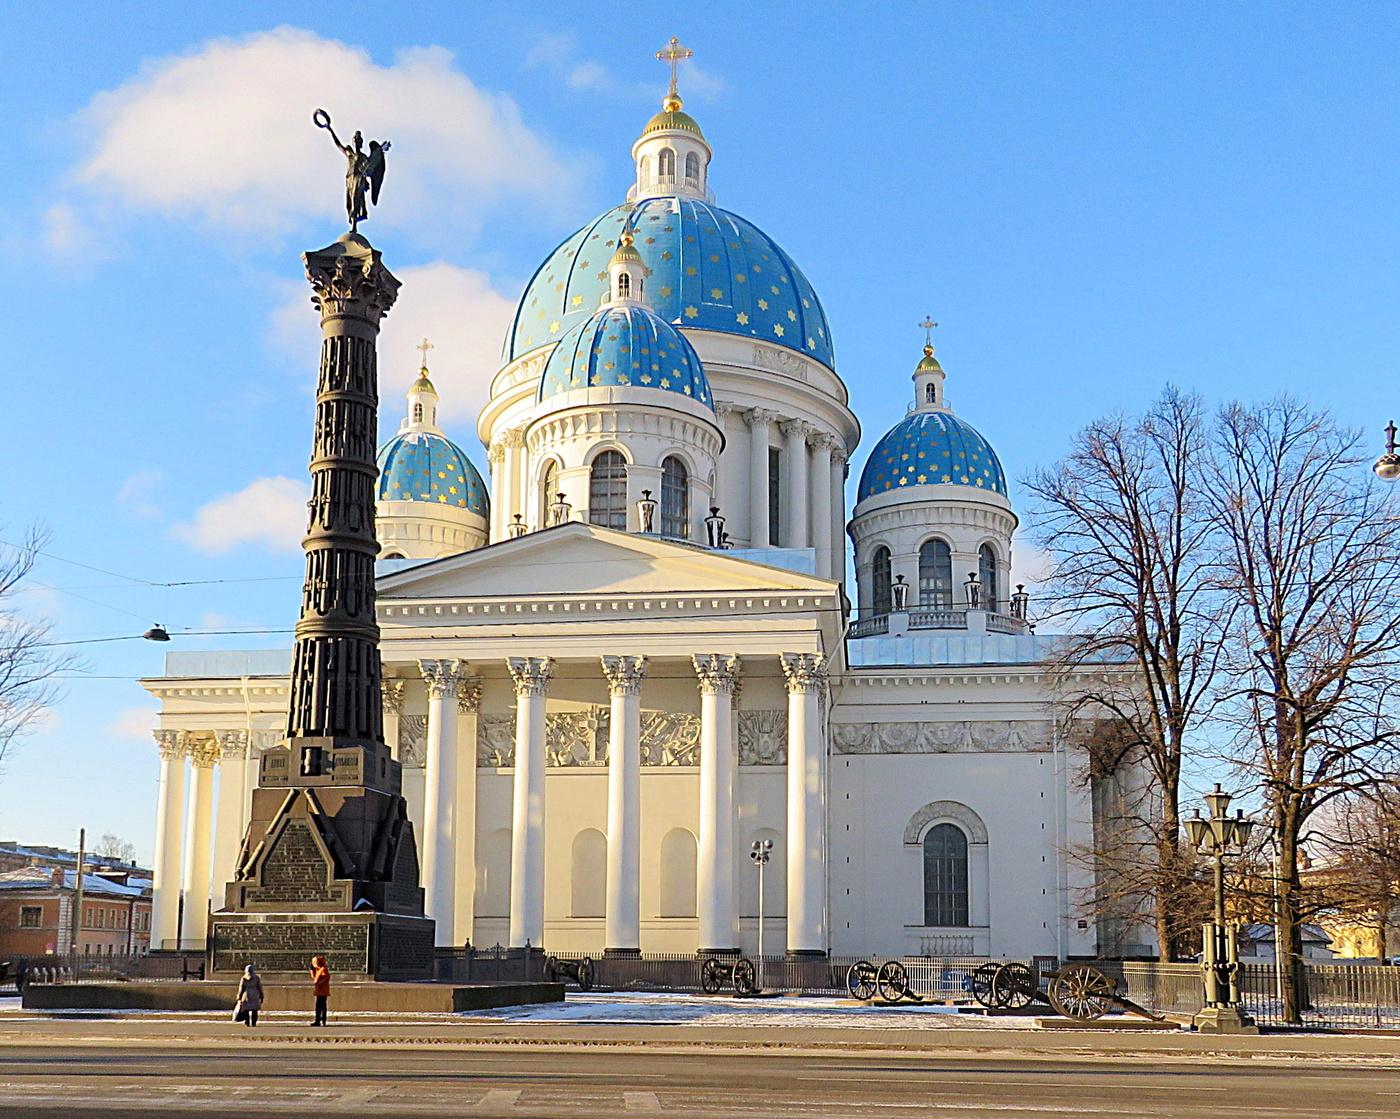 кнопка может церкви петербурга фото с названиями сорта